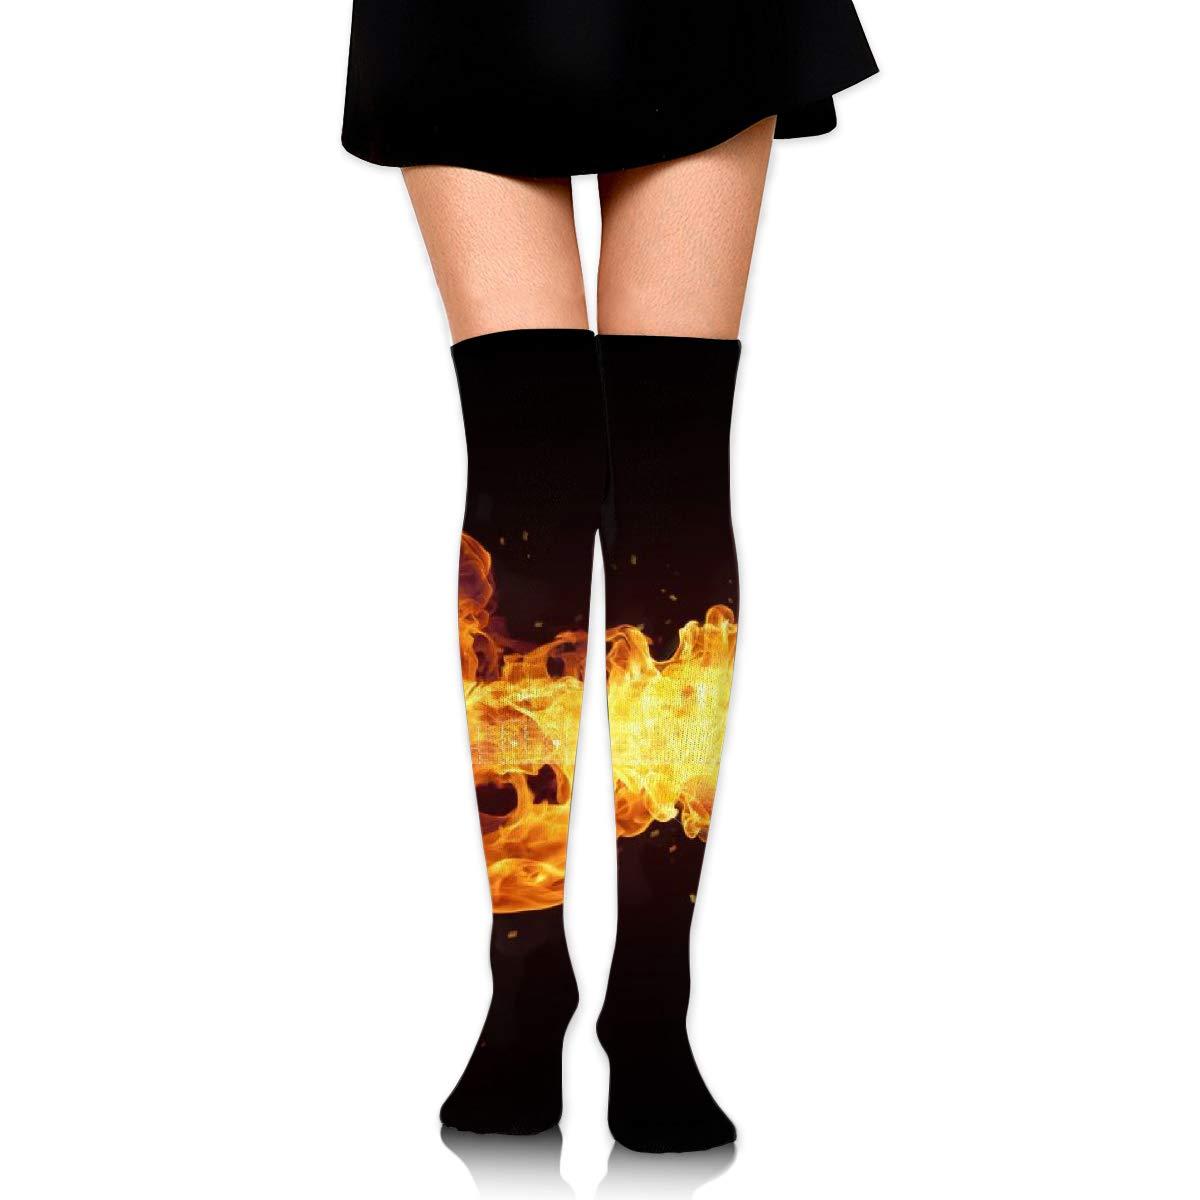 Kjaoi Girl Skirt Socks Uniform Fire Guitar Women Tube Socks Compression Socks